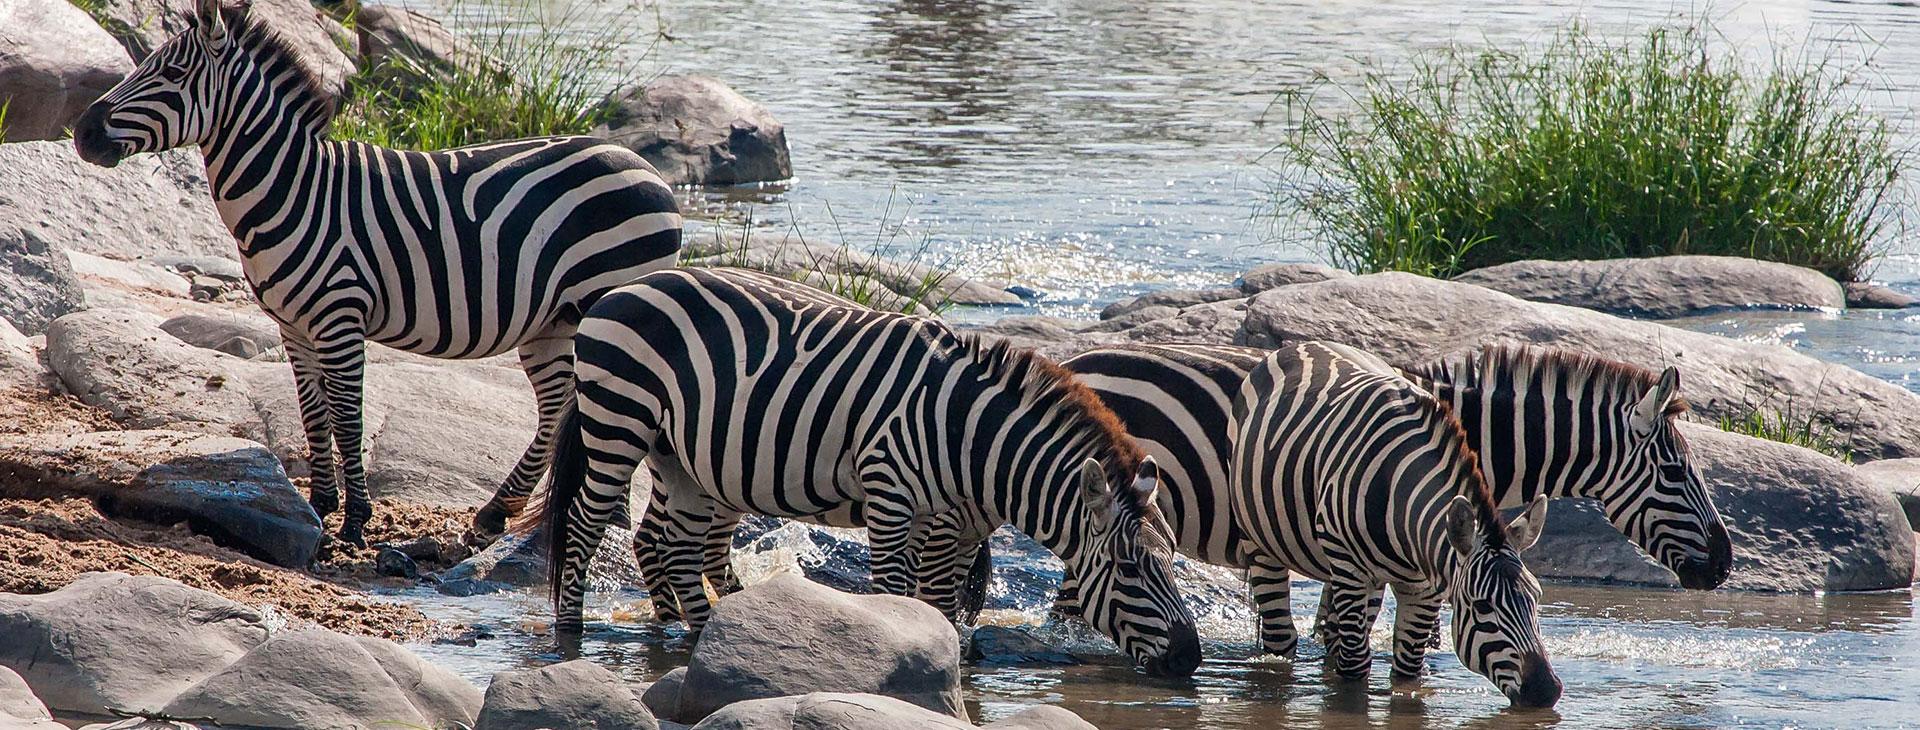 Student Safari Tours